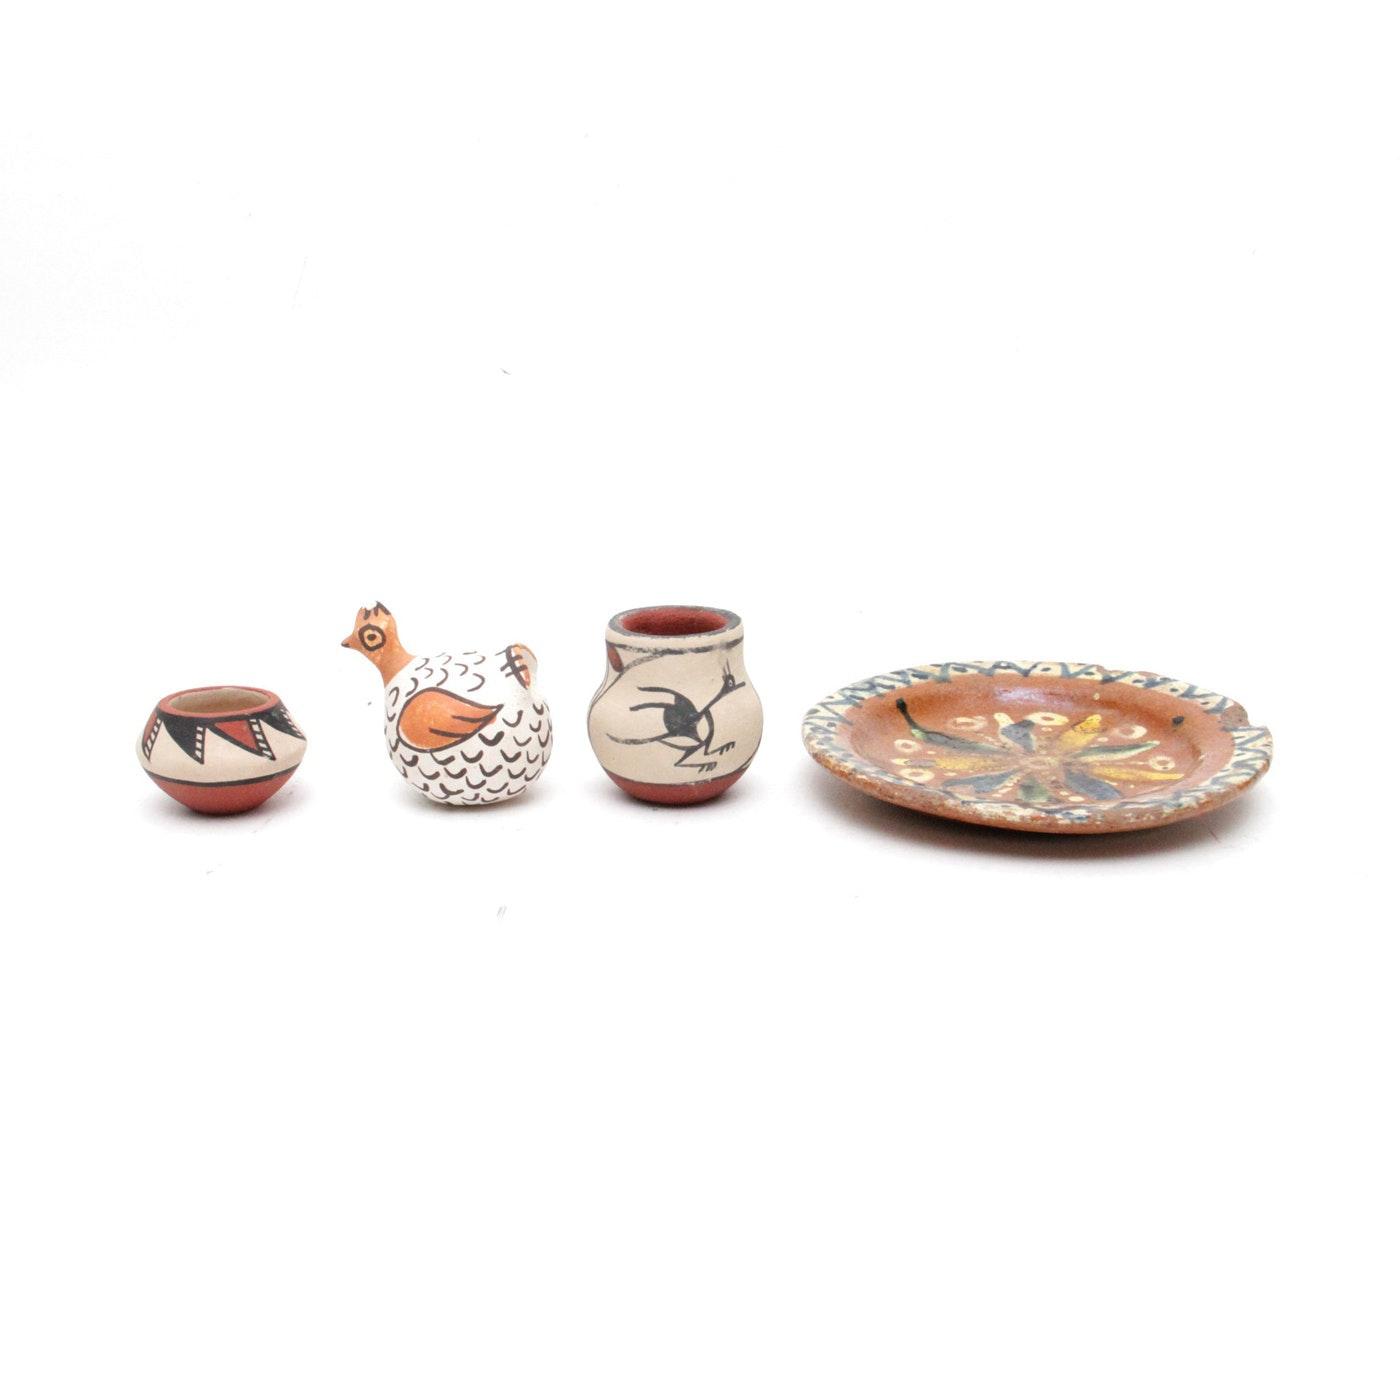 Southwest Miniature Pottery Pieces Including Jemez Pueblo